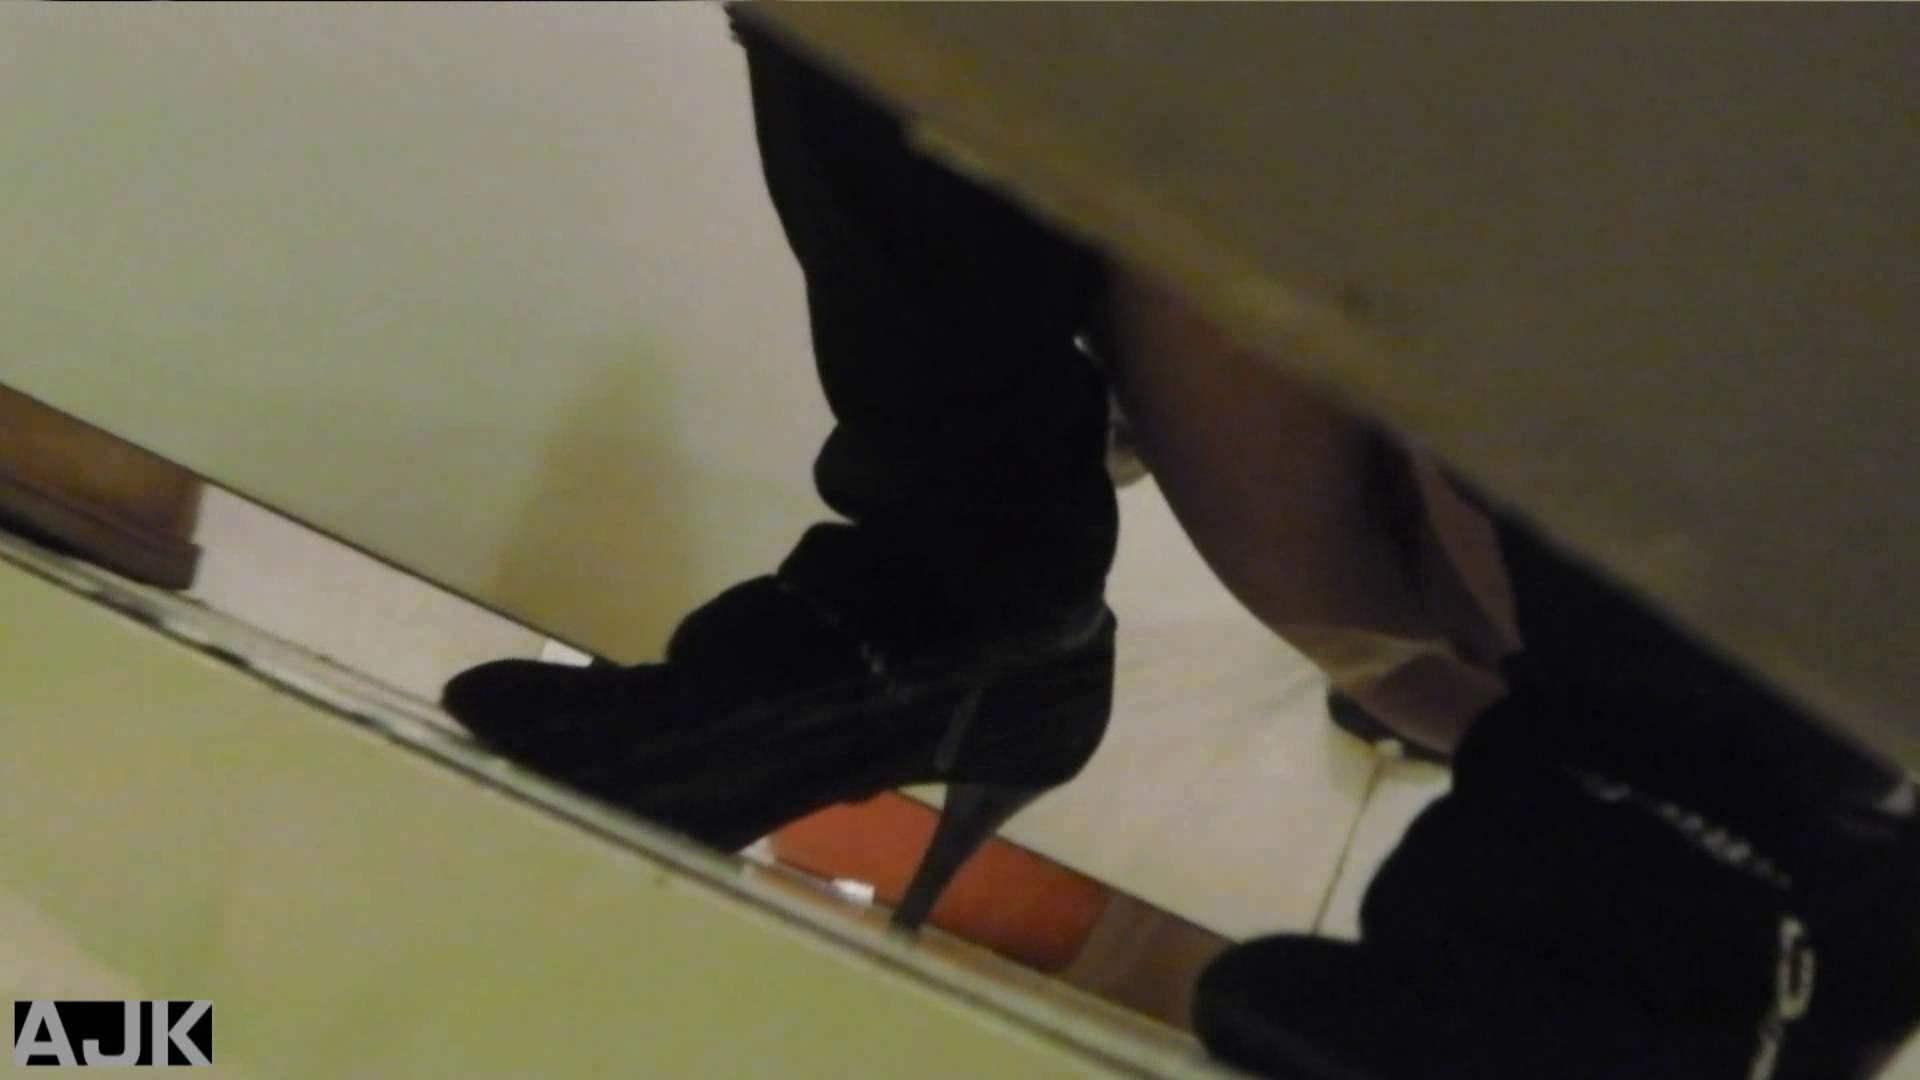 隣国上階級エリアの令嬢たちが集うデパートお手洗い Vol.09 美女 セックス無修正動画無料 103枚 58